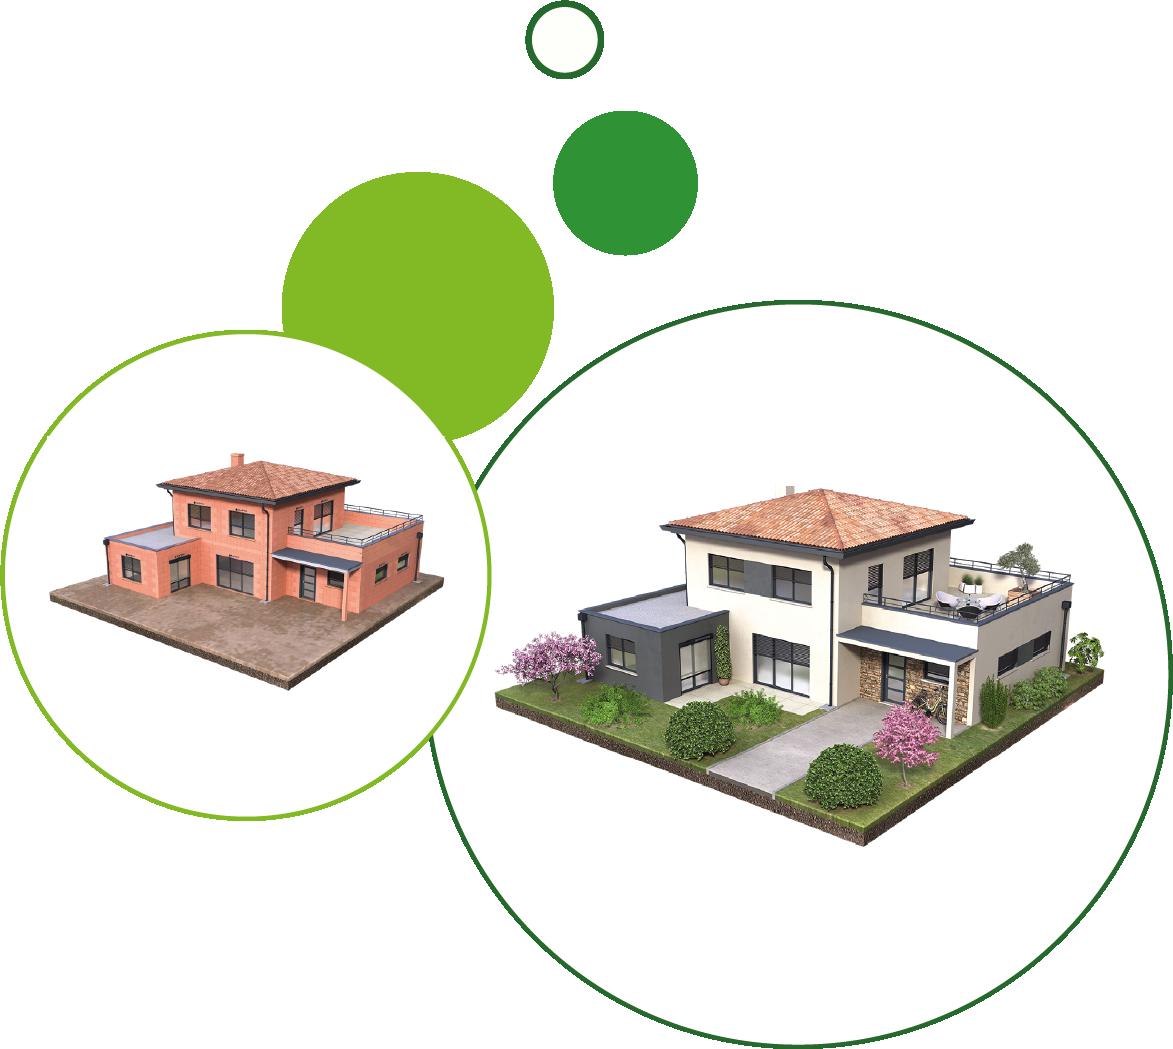 Créa visuel - maisons 3D avant après - BD